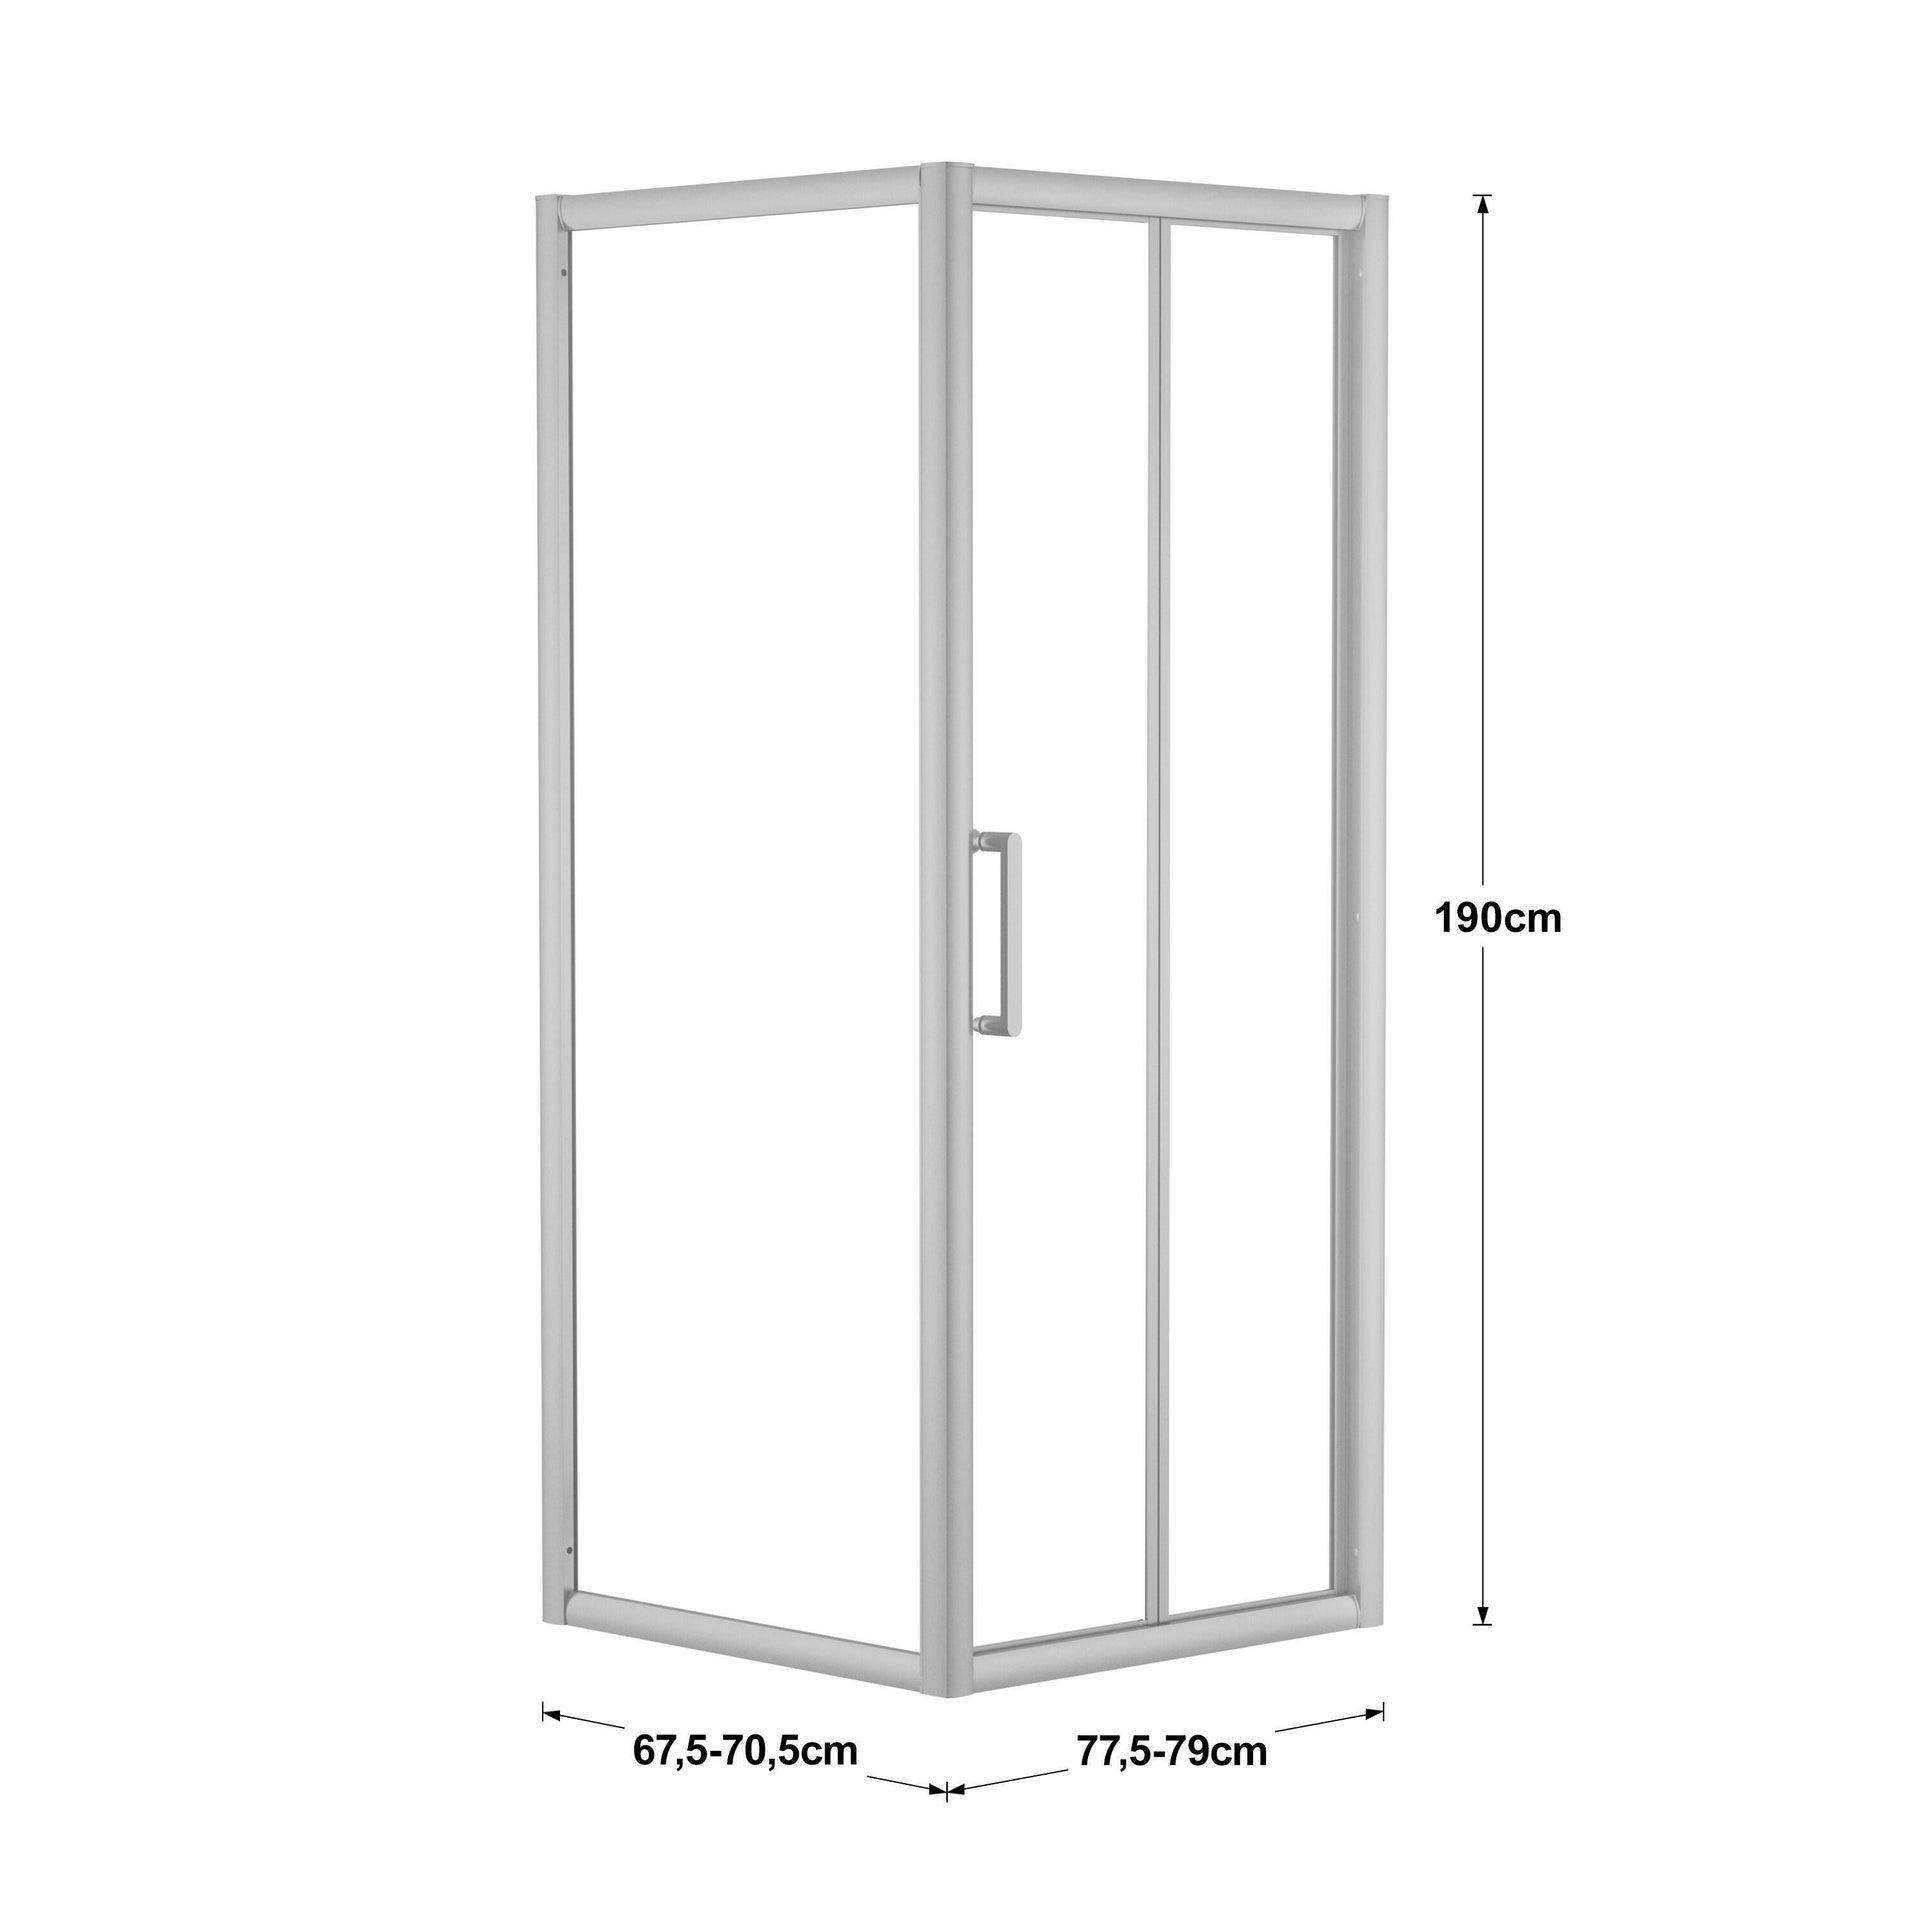 Box doccia rettangolare pieghevole Quad 70 x 80 cm, H 190 cm in vetro temprato, spessore 6 mm trasparente argento - 2